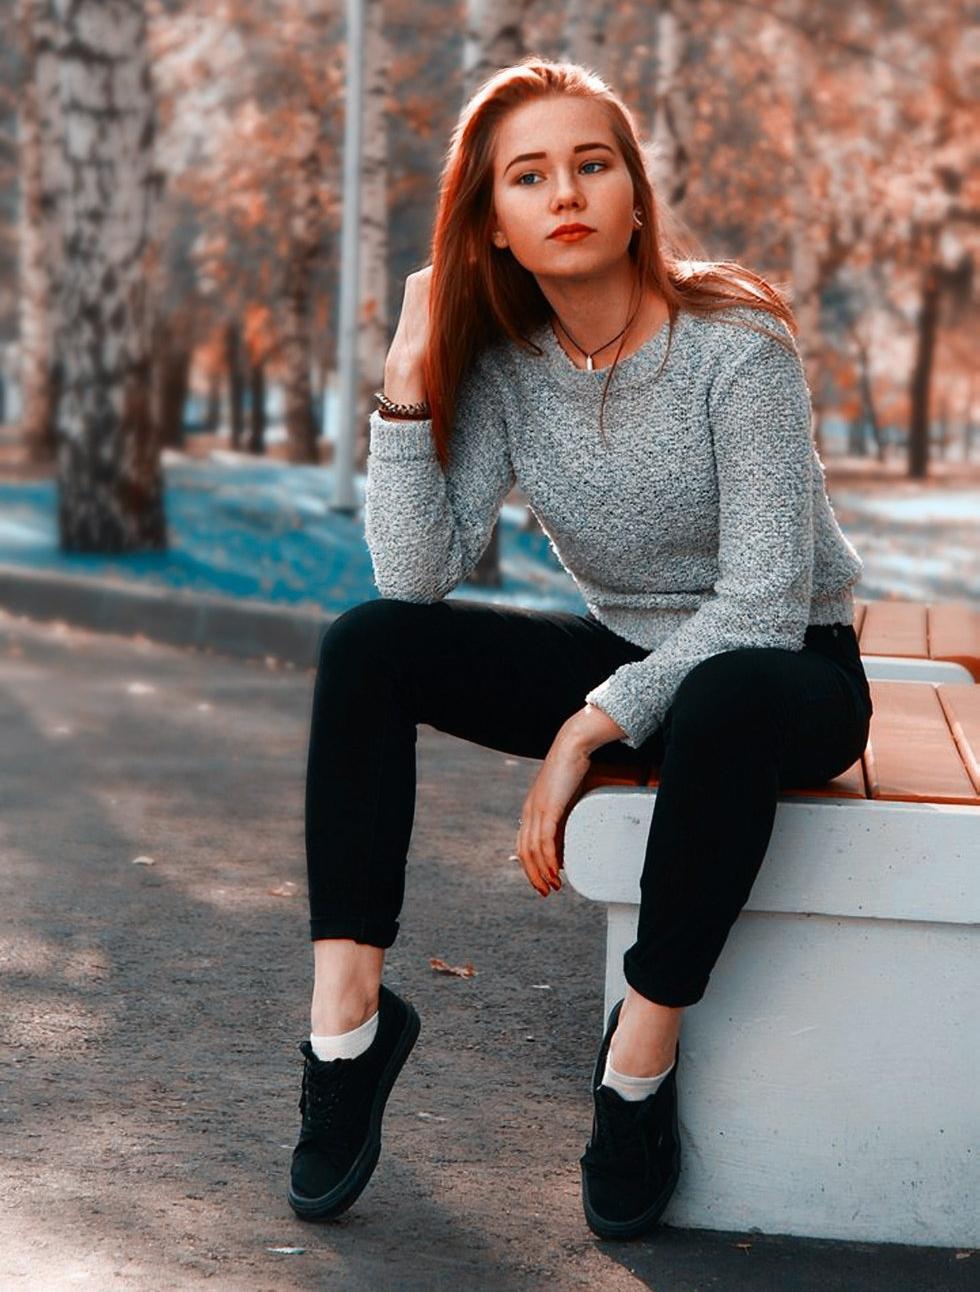 Чернышова Алиса Радиковна